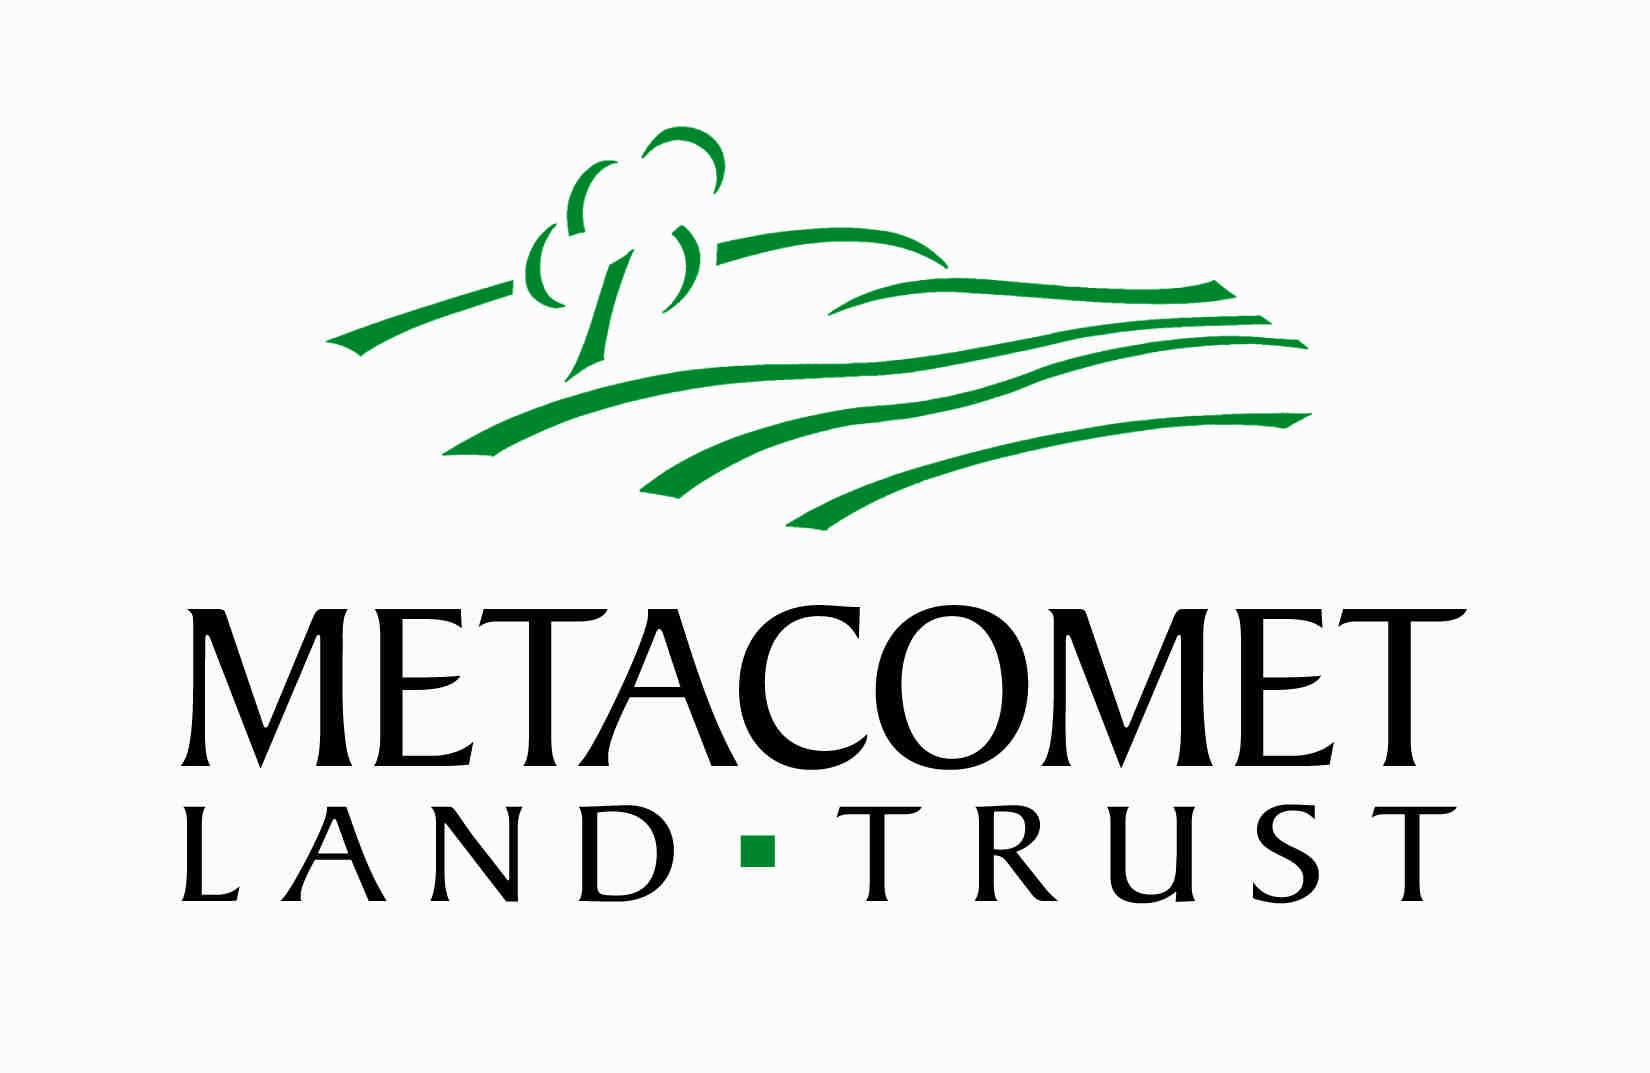 Metacomet Land Trust